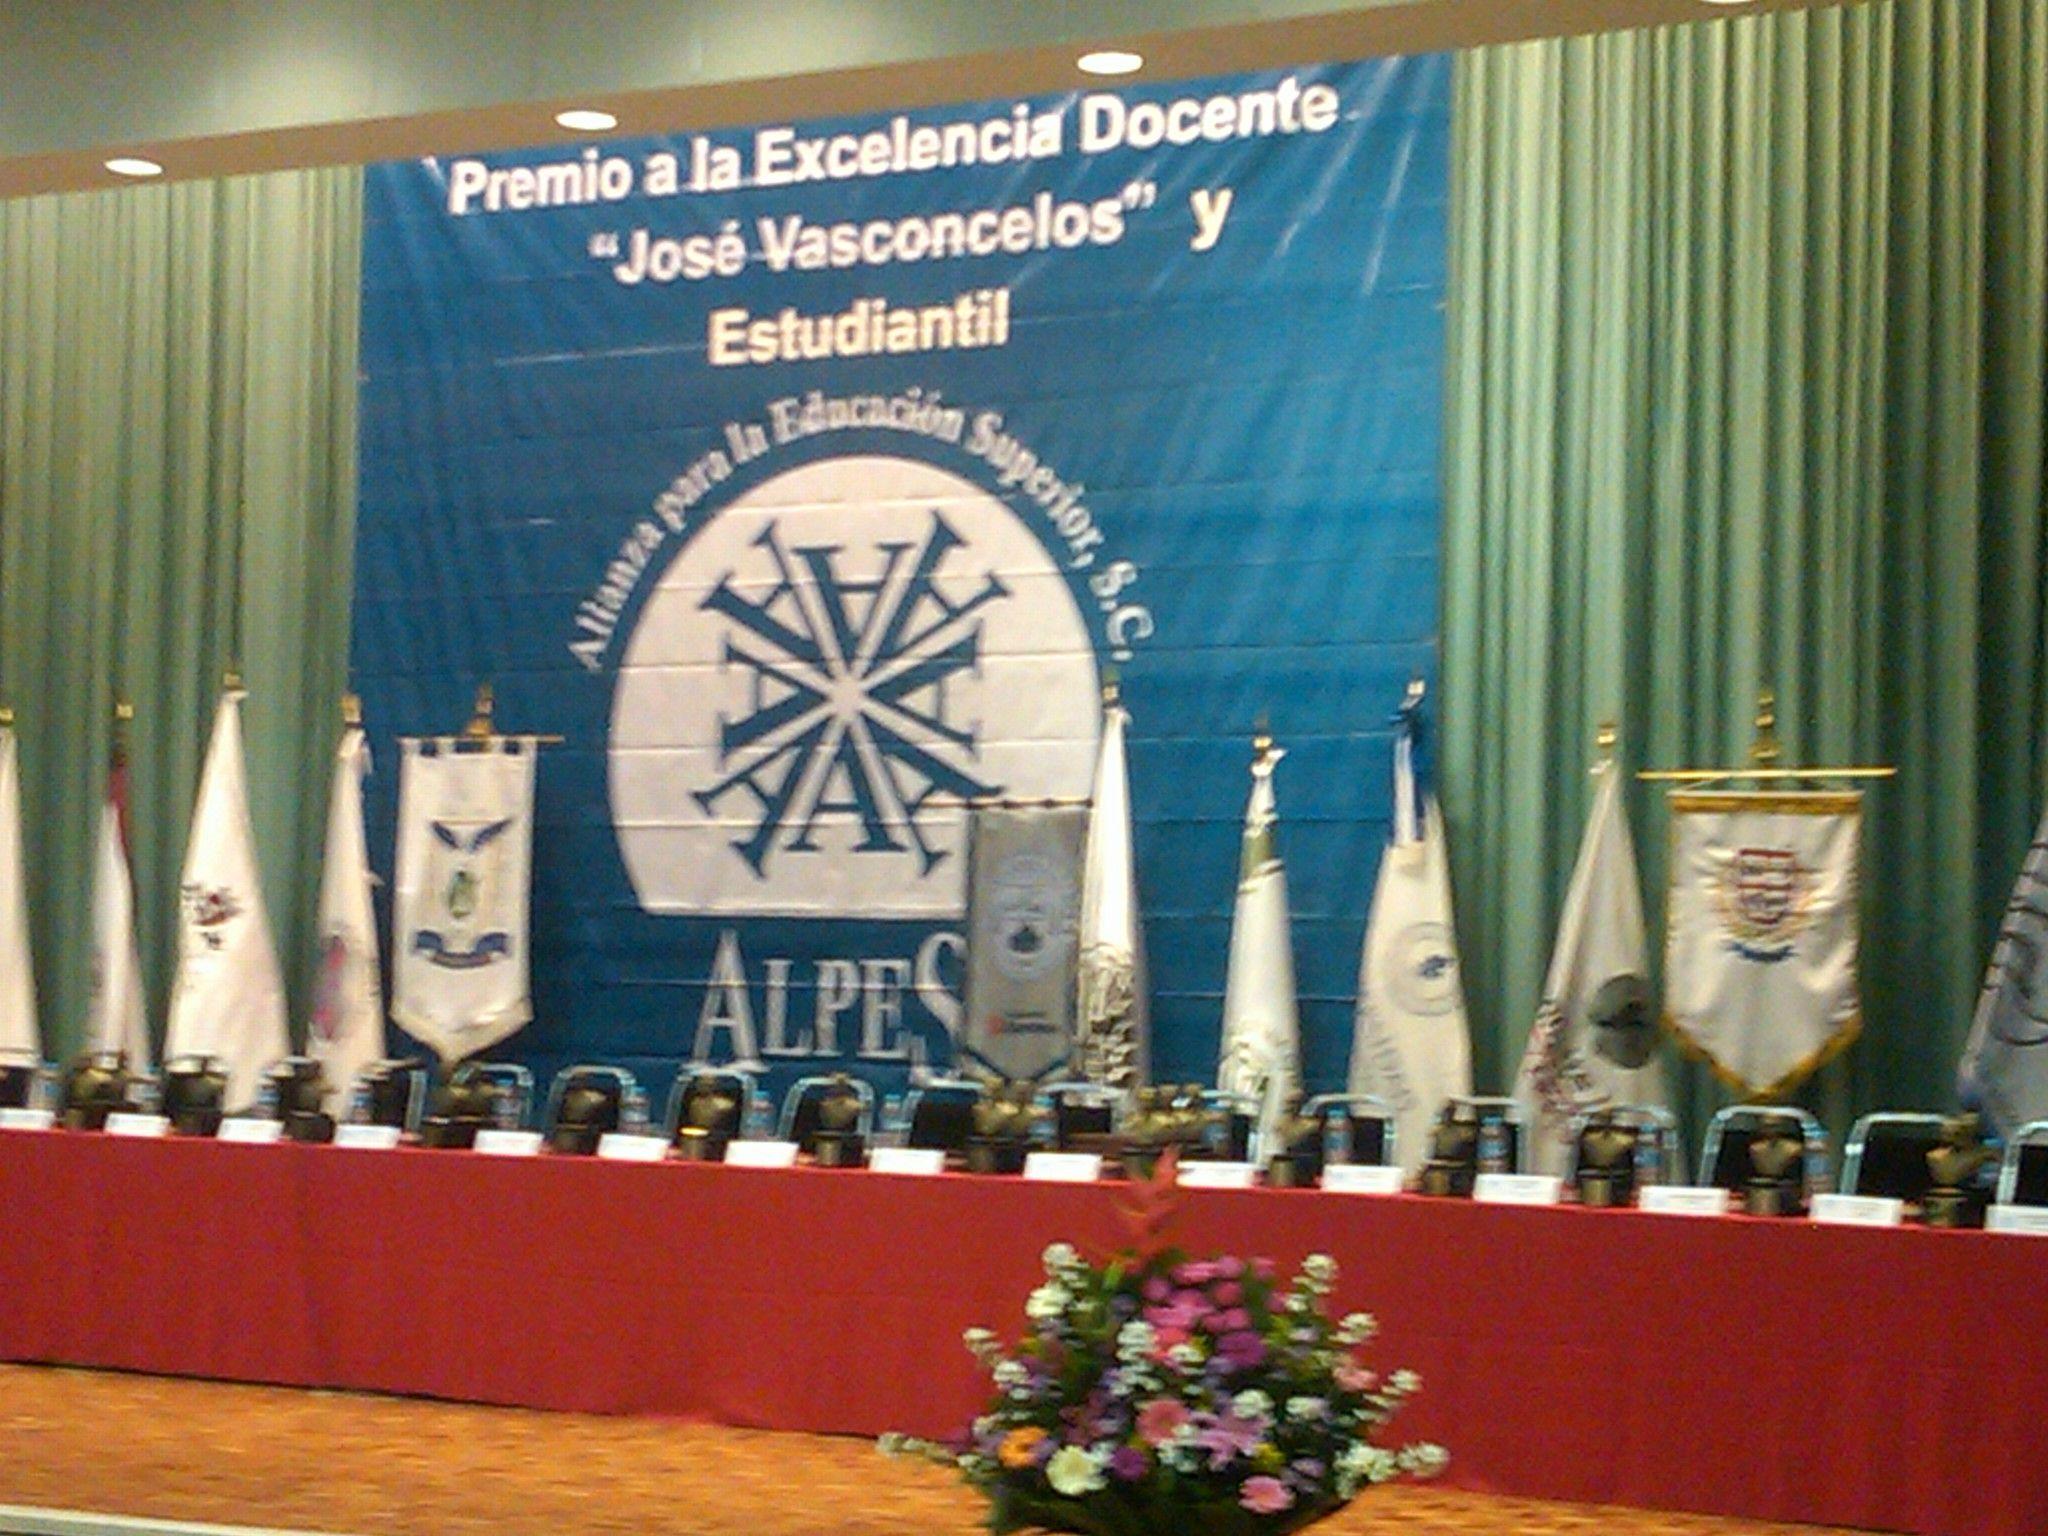 Ceremonia de entrega Premio José Vasconcelos a la Excelencia Académica 2012.